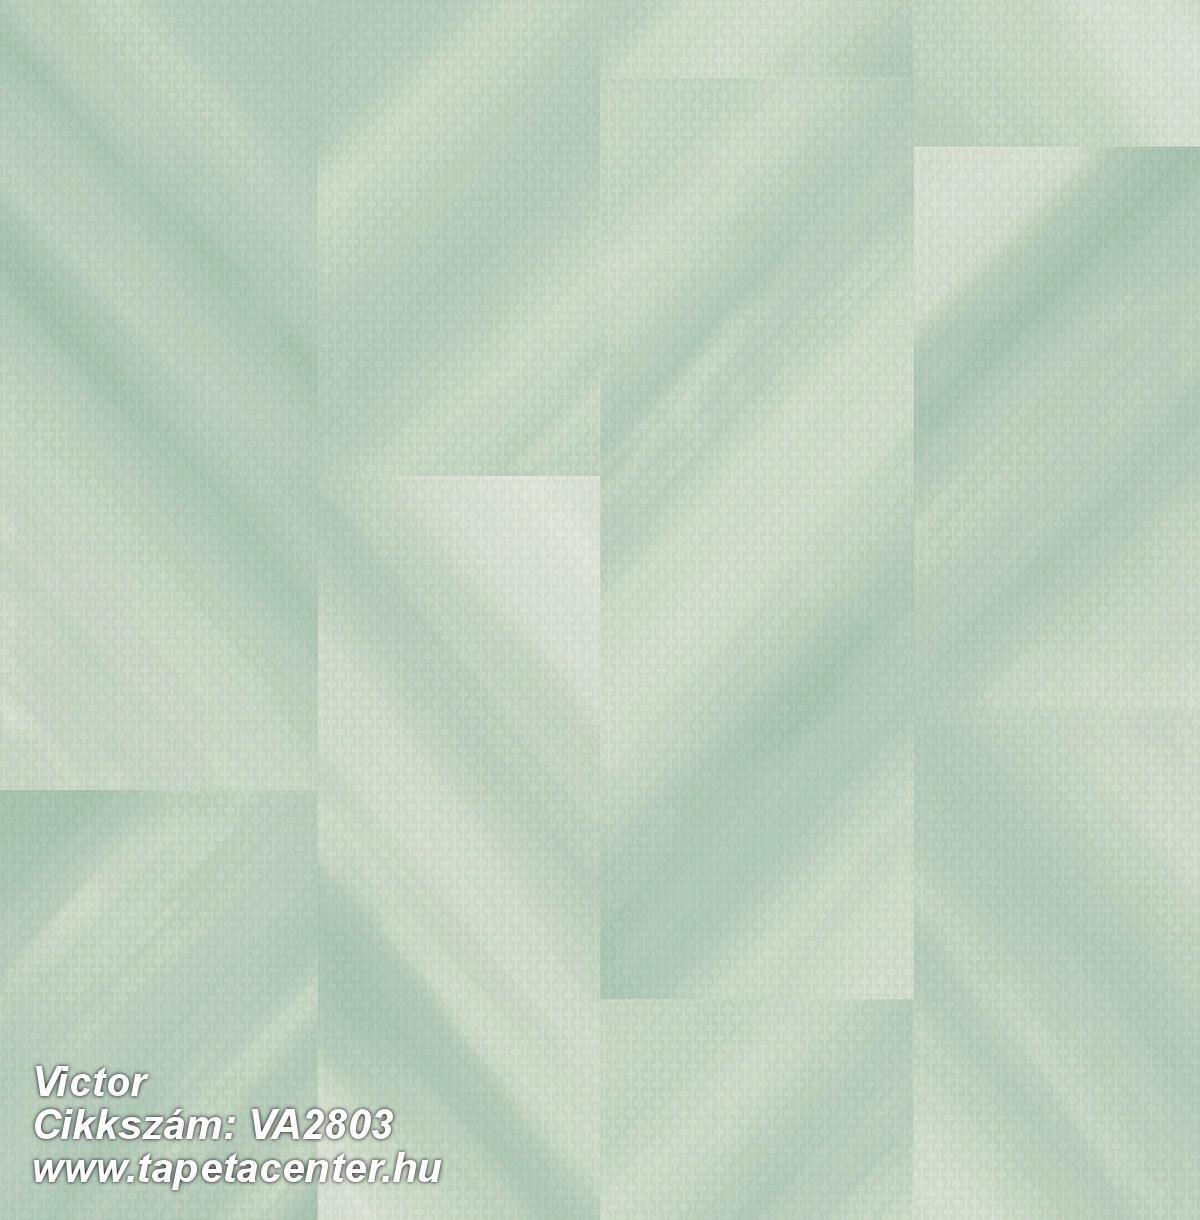 Absztrakt,geometriai mintás,különleges felületű,türkiz,zöld,gyengén mosható,vlies tapéta